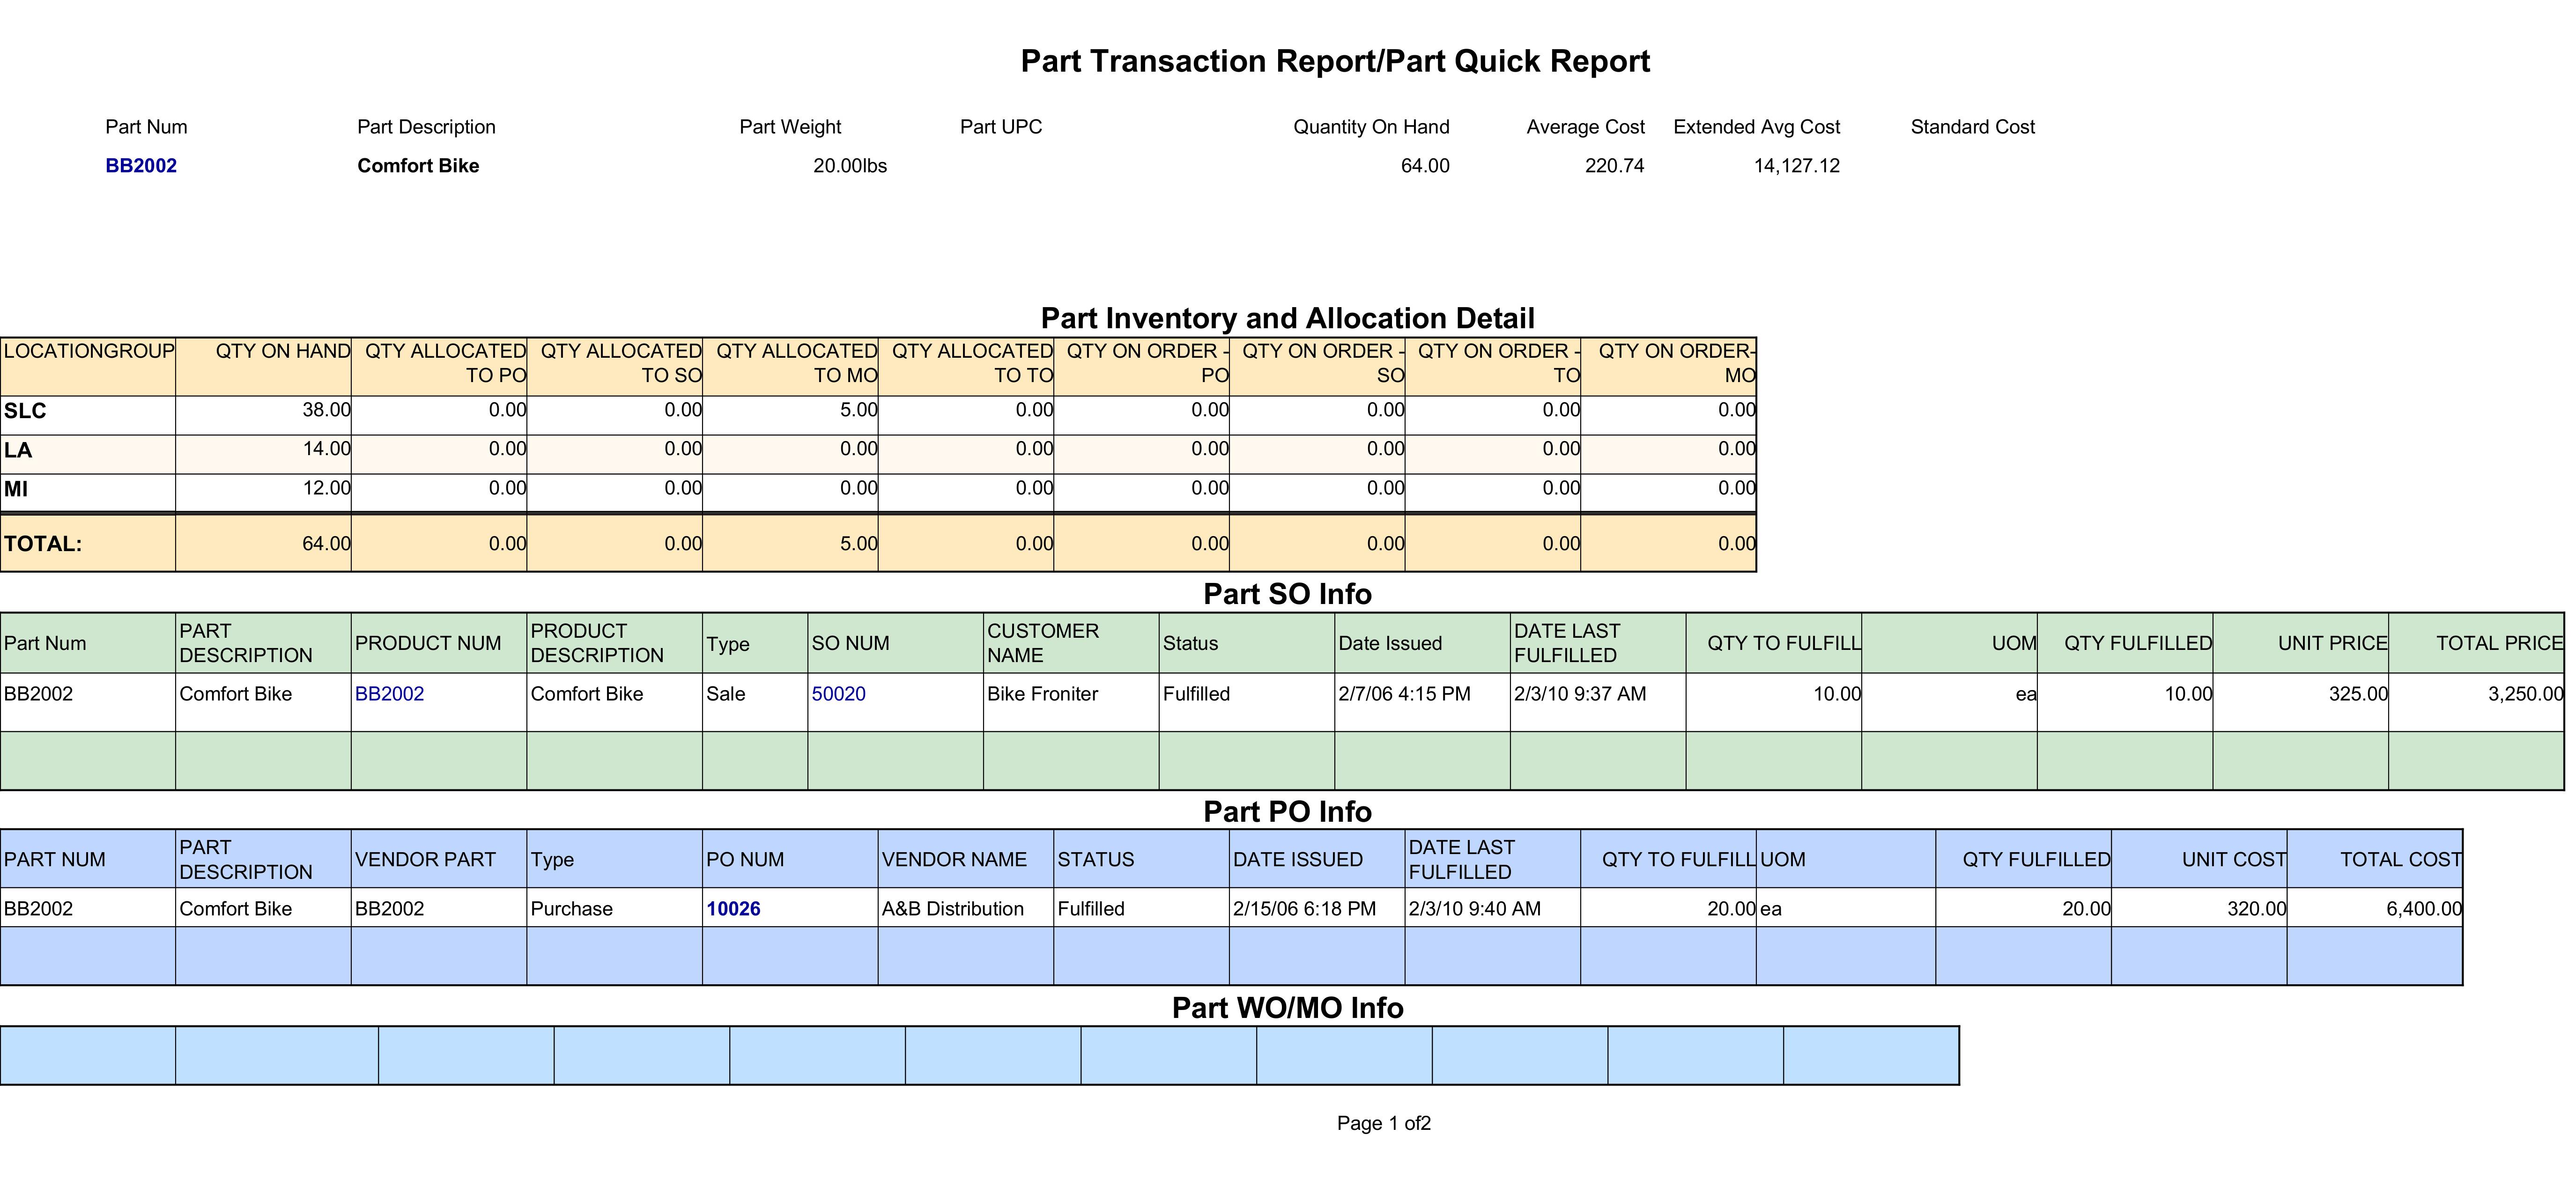 Part Quick Report